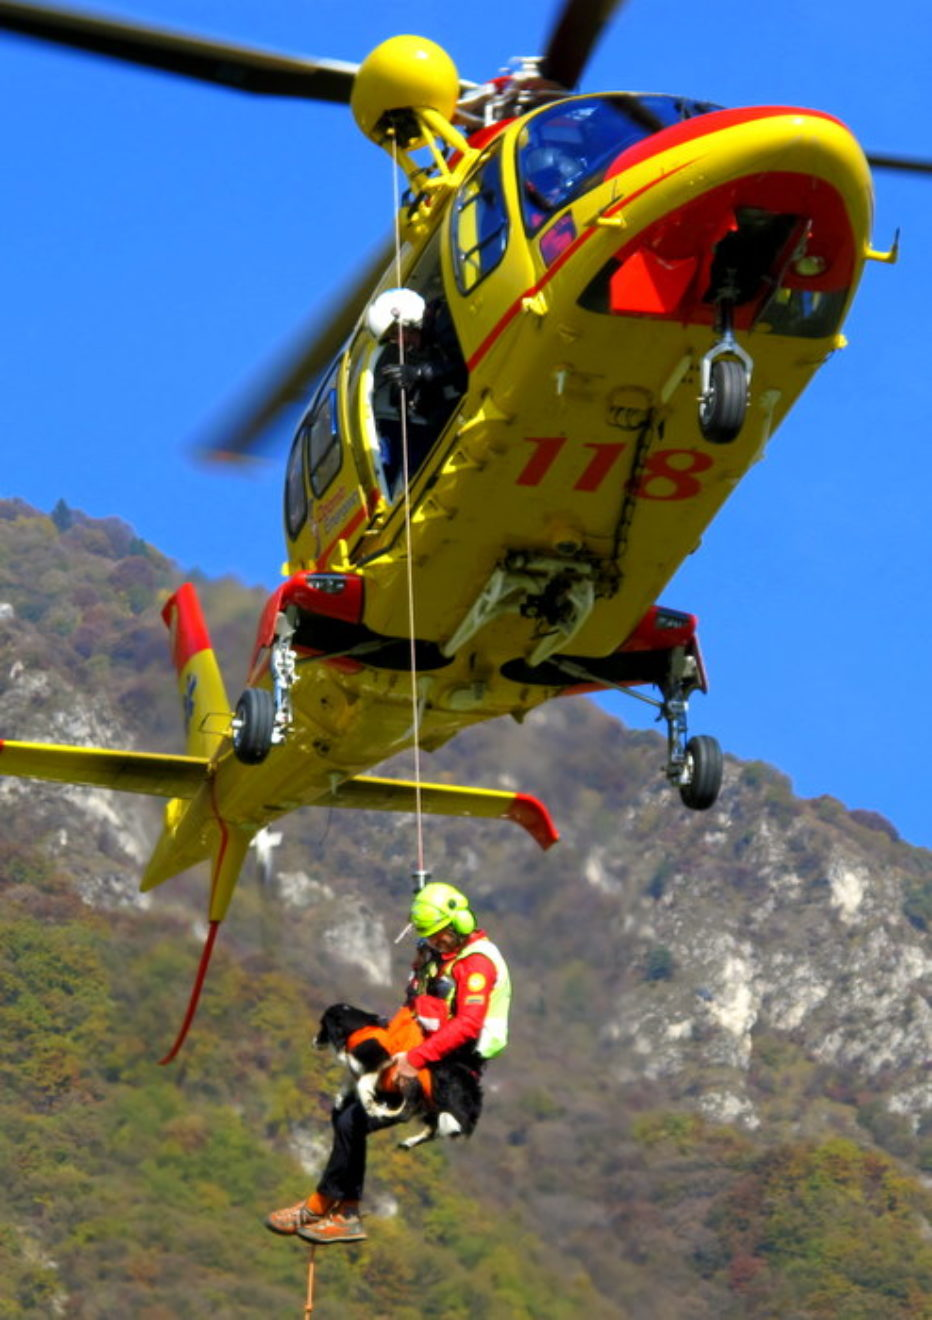 Numerosi interventi in montagna, escursionista perde la vita sul Civetta